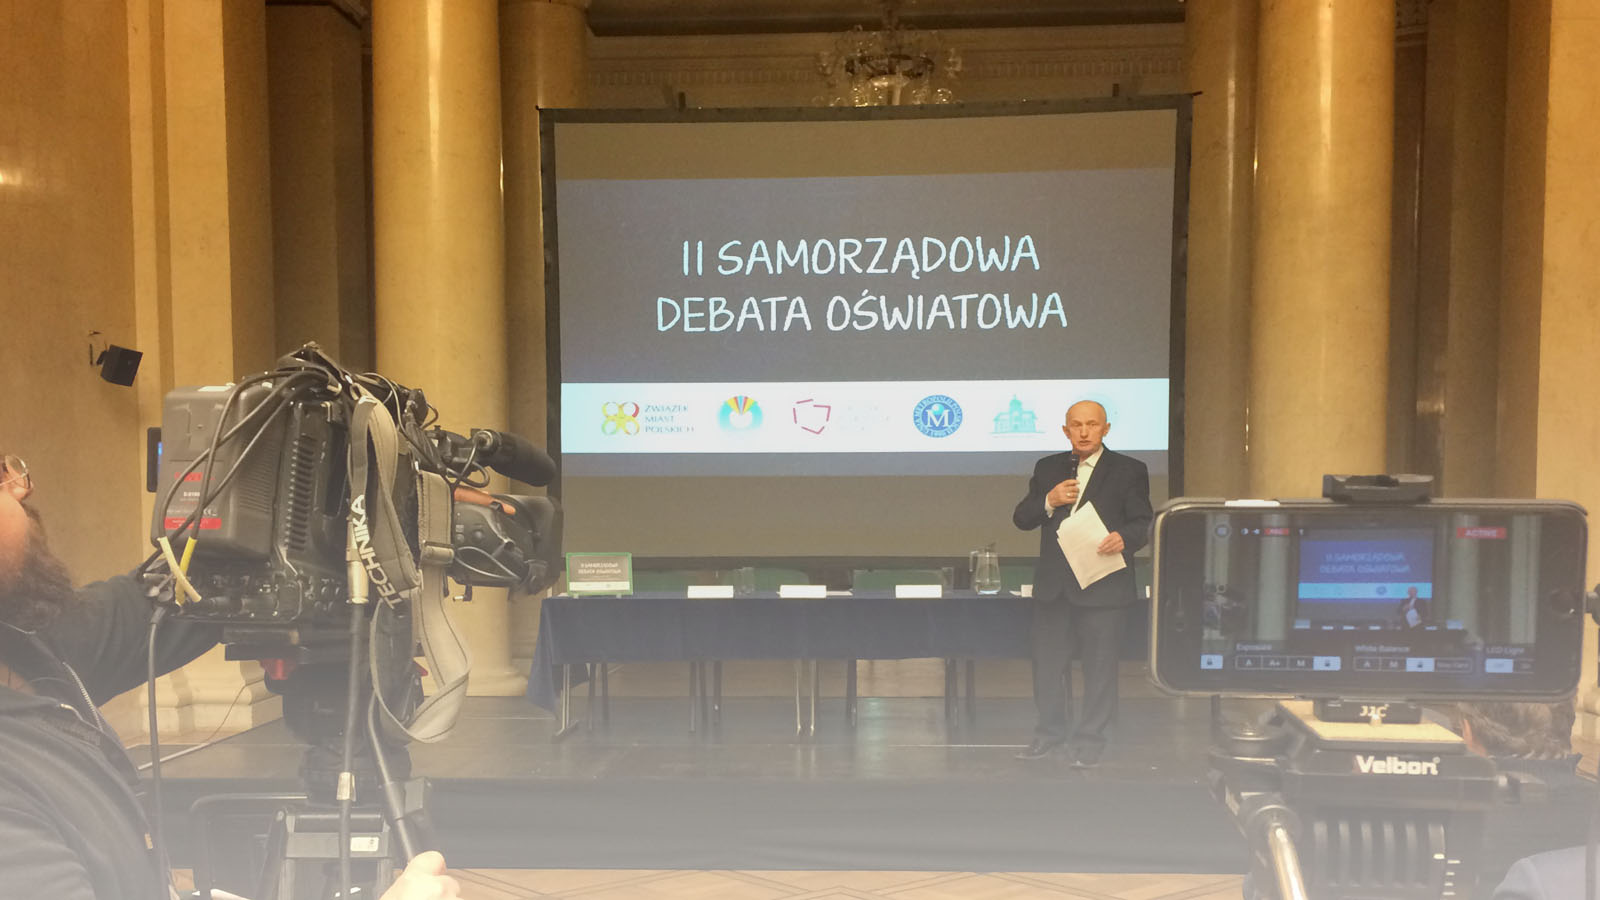 Transmisja z Samorządowej Debaty Oświatowej